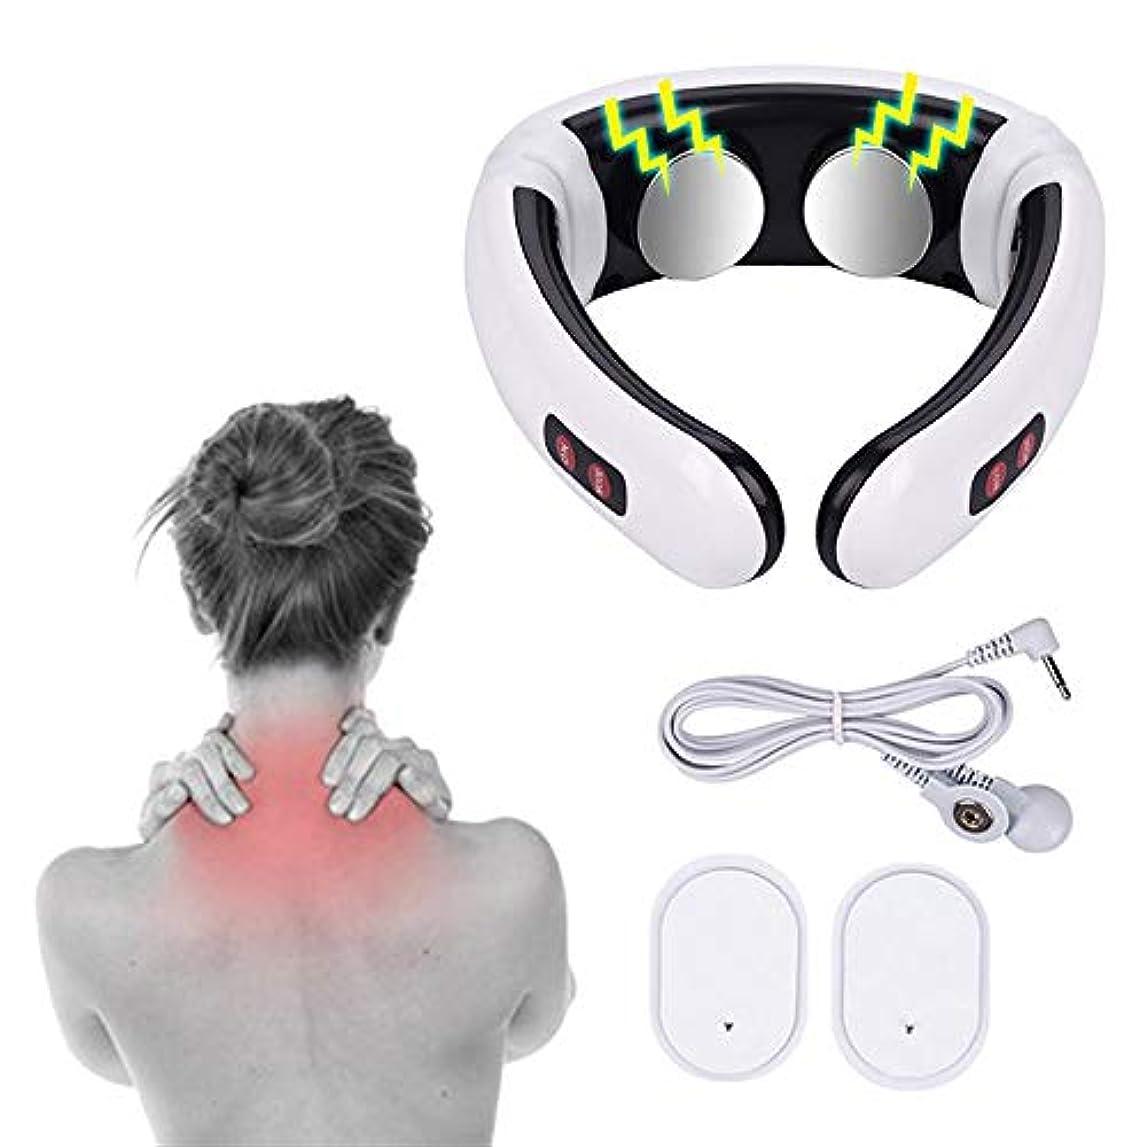 行くスリム欠席1 PC Electric Pulse Back and Neck Massager Far Infrared Pain Relief Tool Health Care Relaxation Multifunctional...